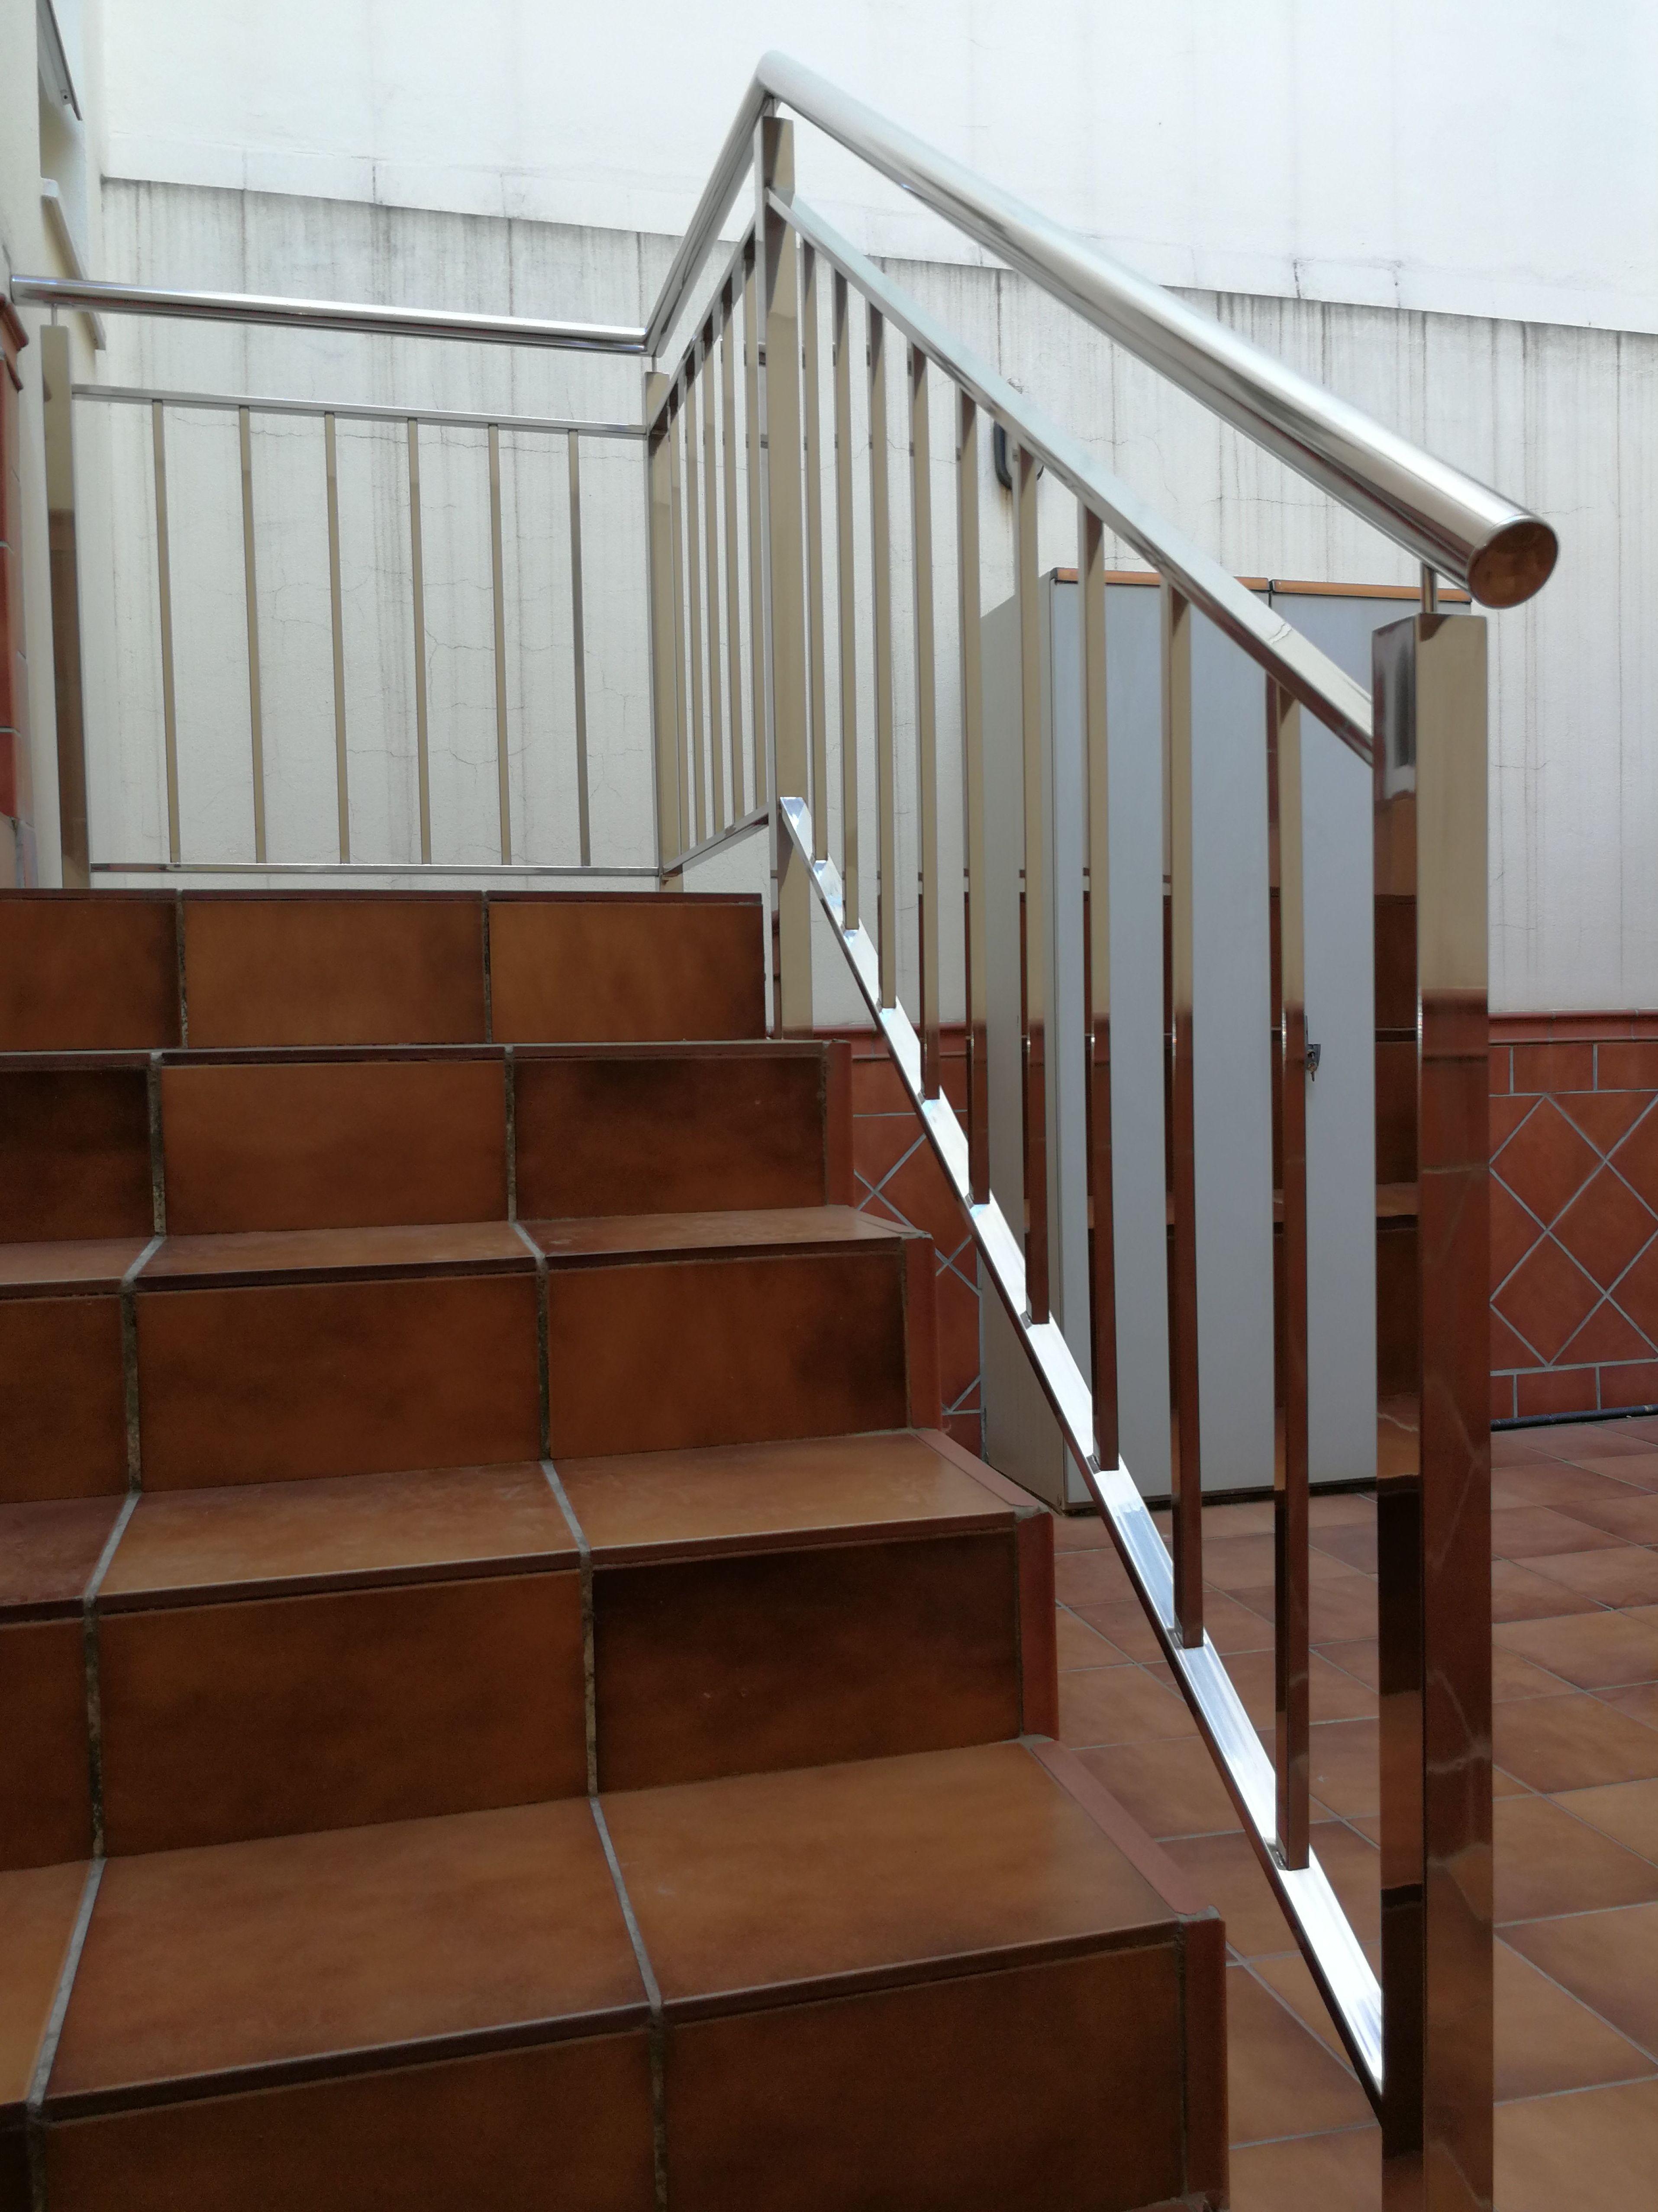 Foto 99 de Especialistas en diseños y proyectos en acero inoxidable en Alcalá de Guadaíra | Icminox